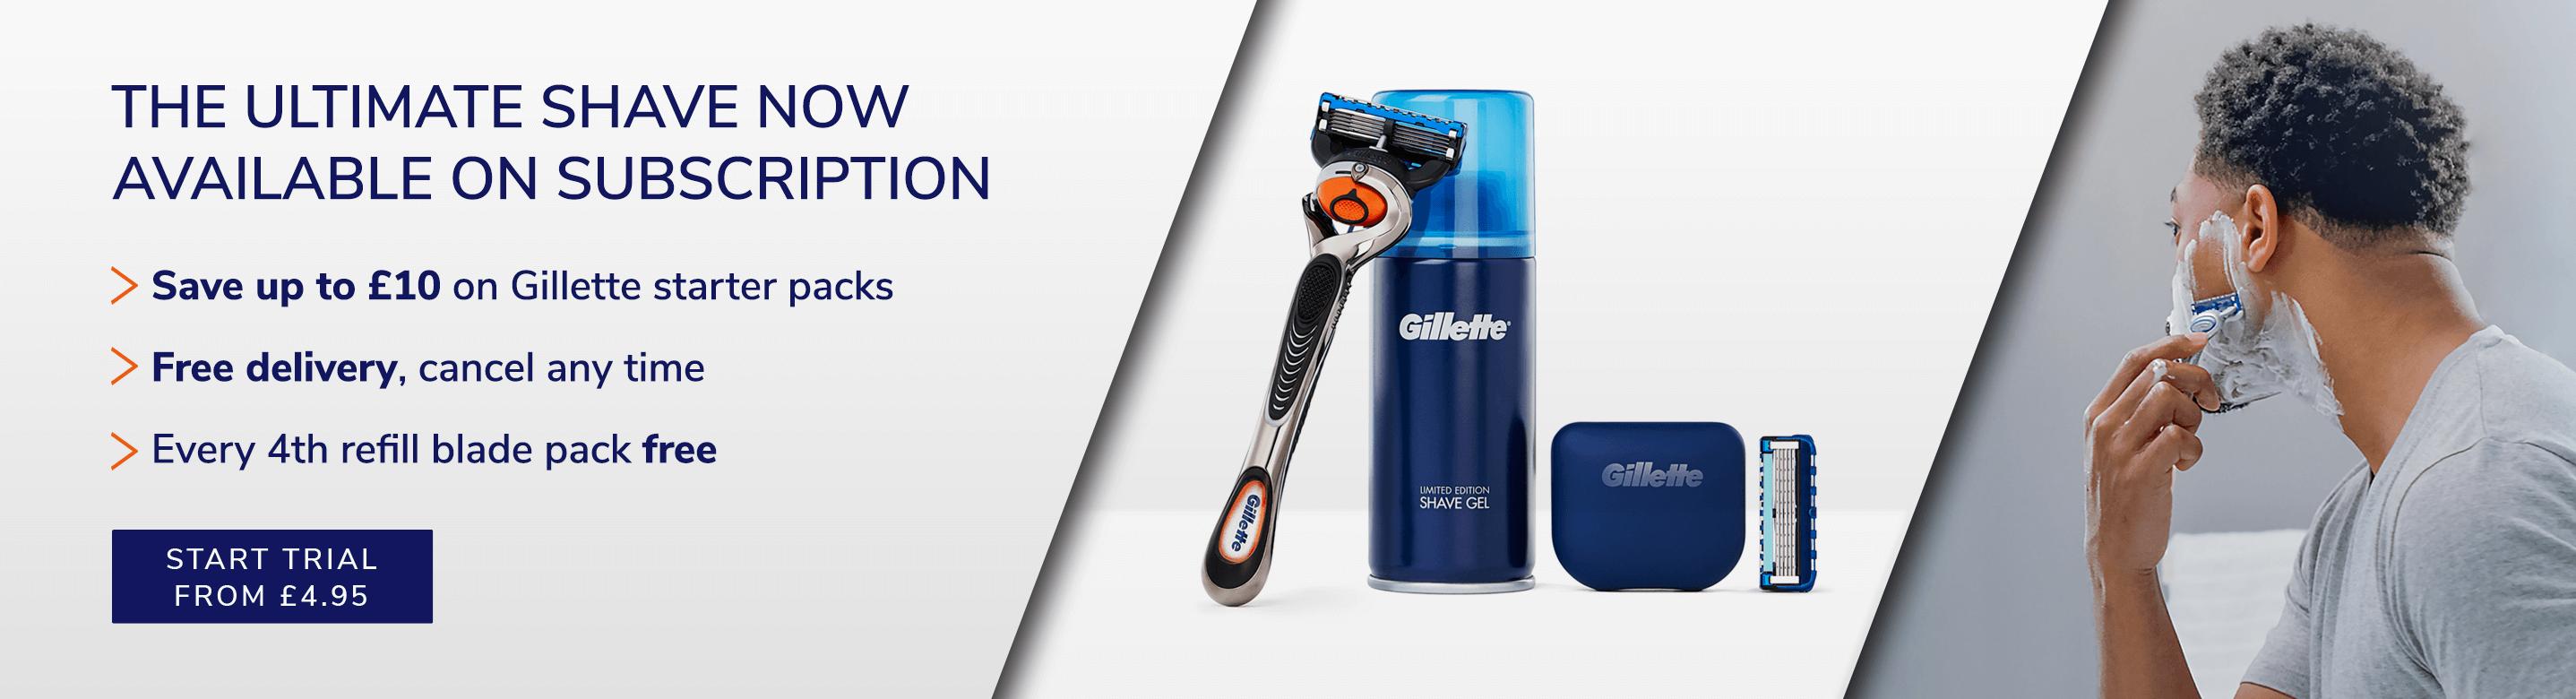 Gillette shaving subscription information